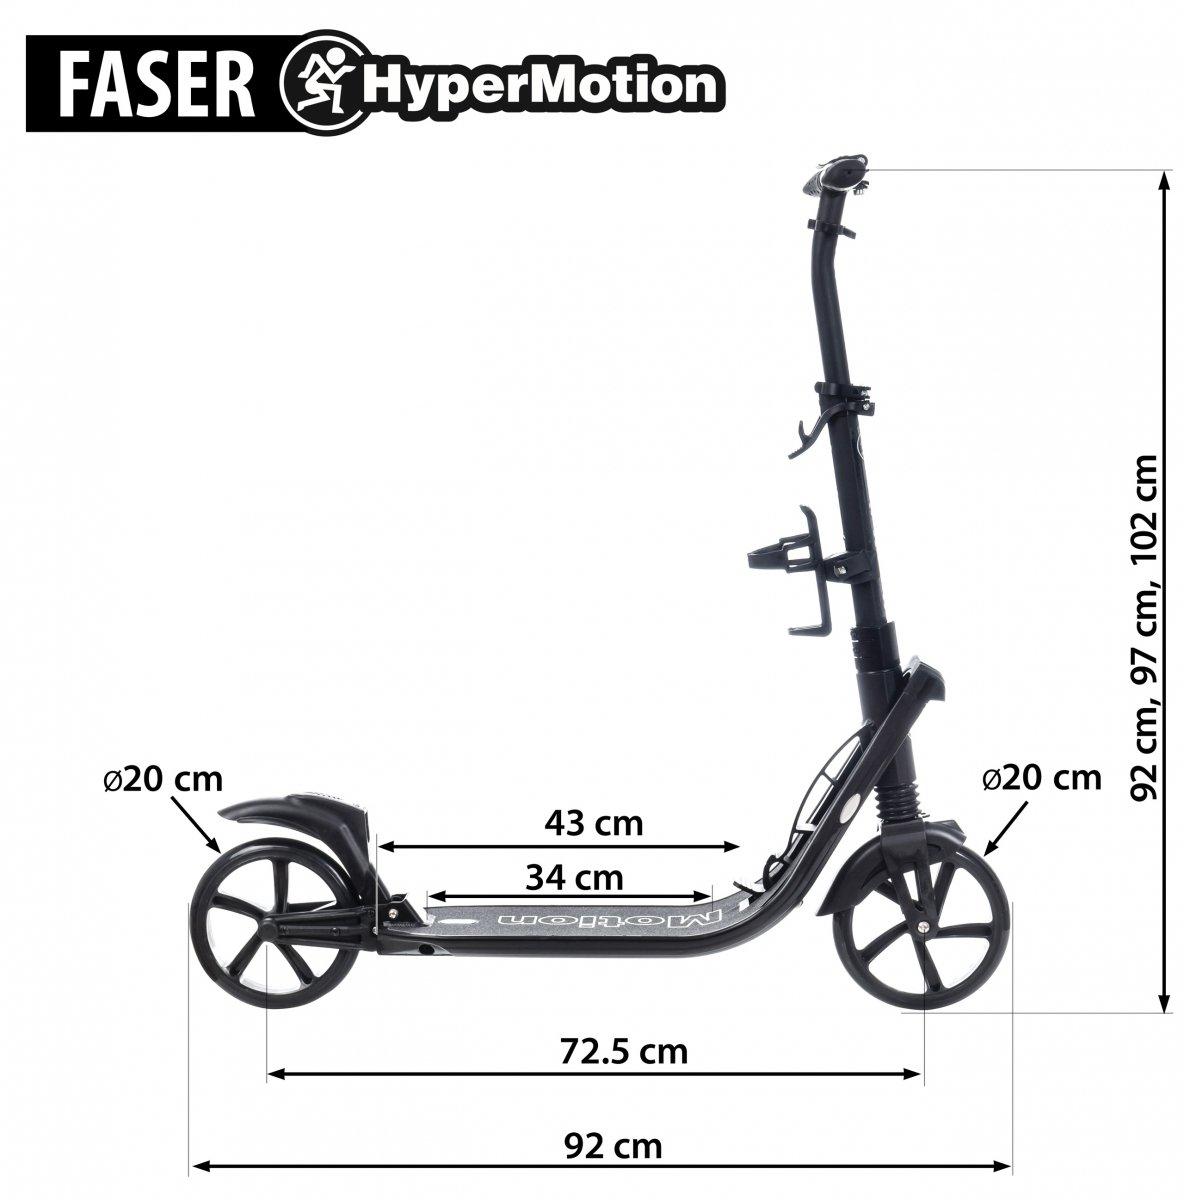 Hulajnoga dla dorosłych HyperMotion FASER - czarna